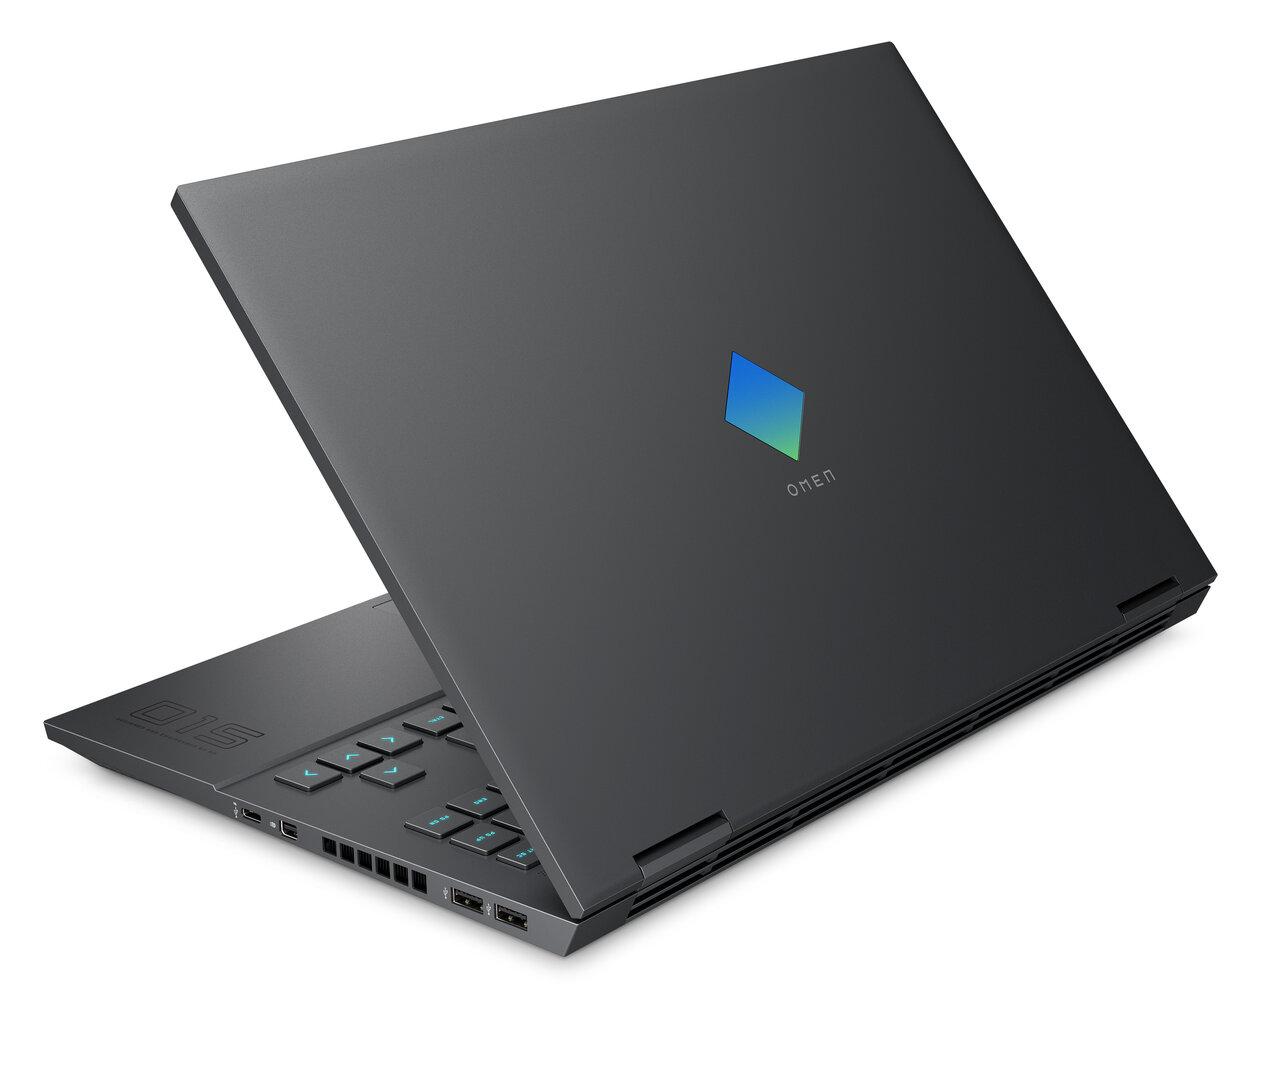 HP Omen 15 (AMD)